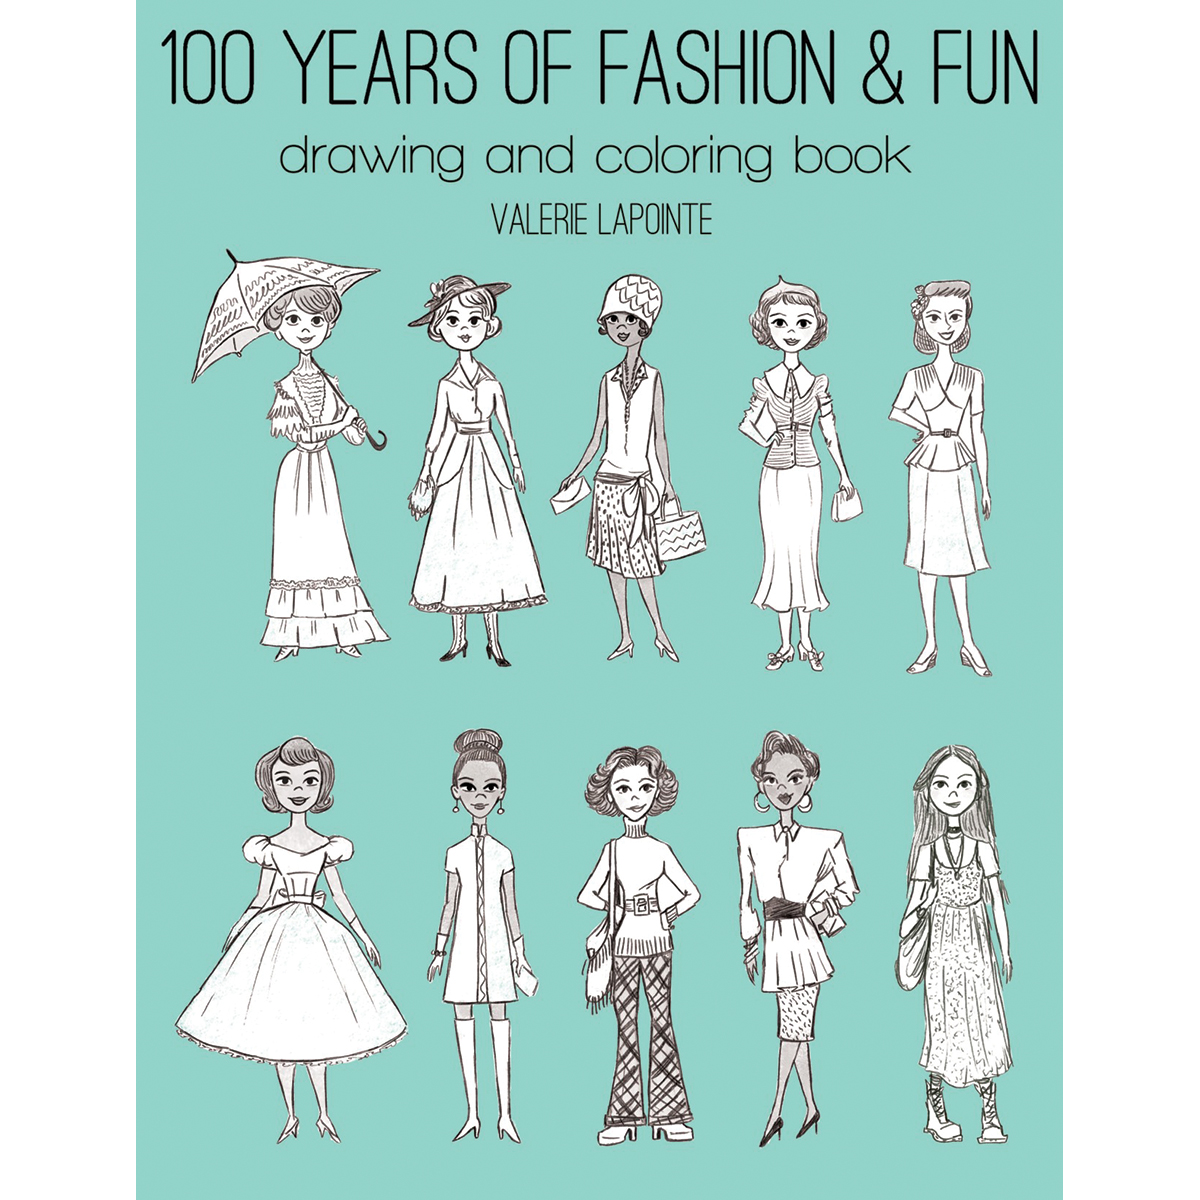 General's 100 Years of Fashion & Fun Book